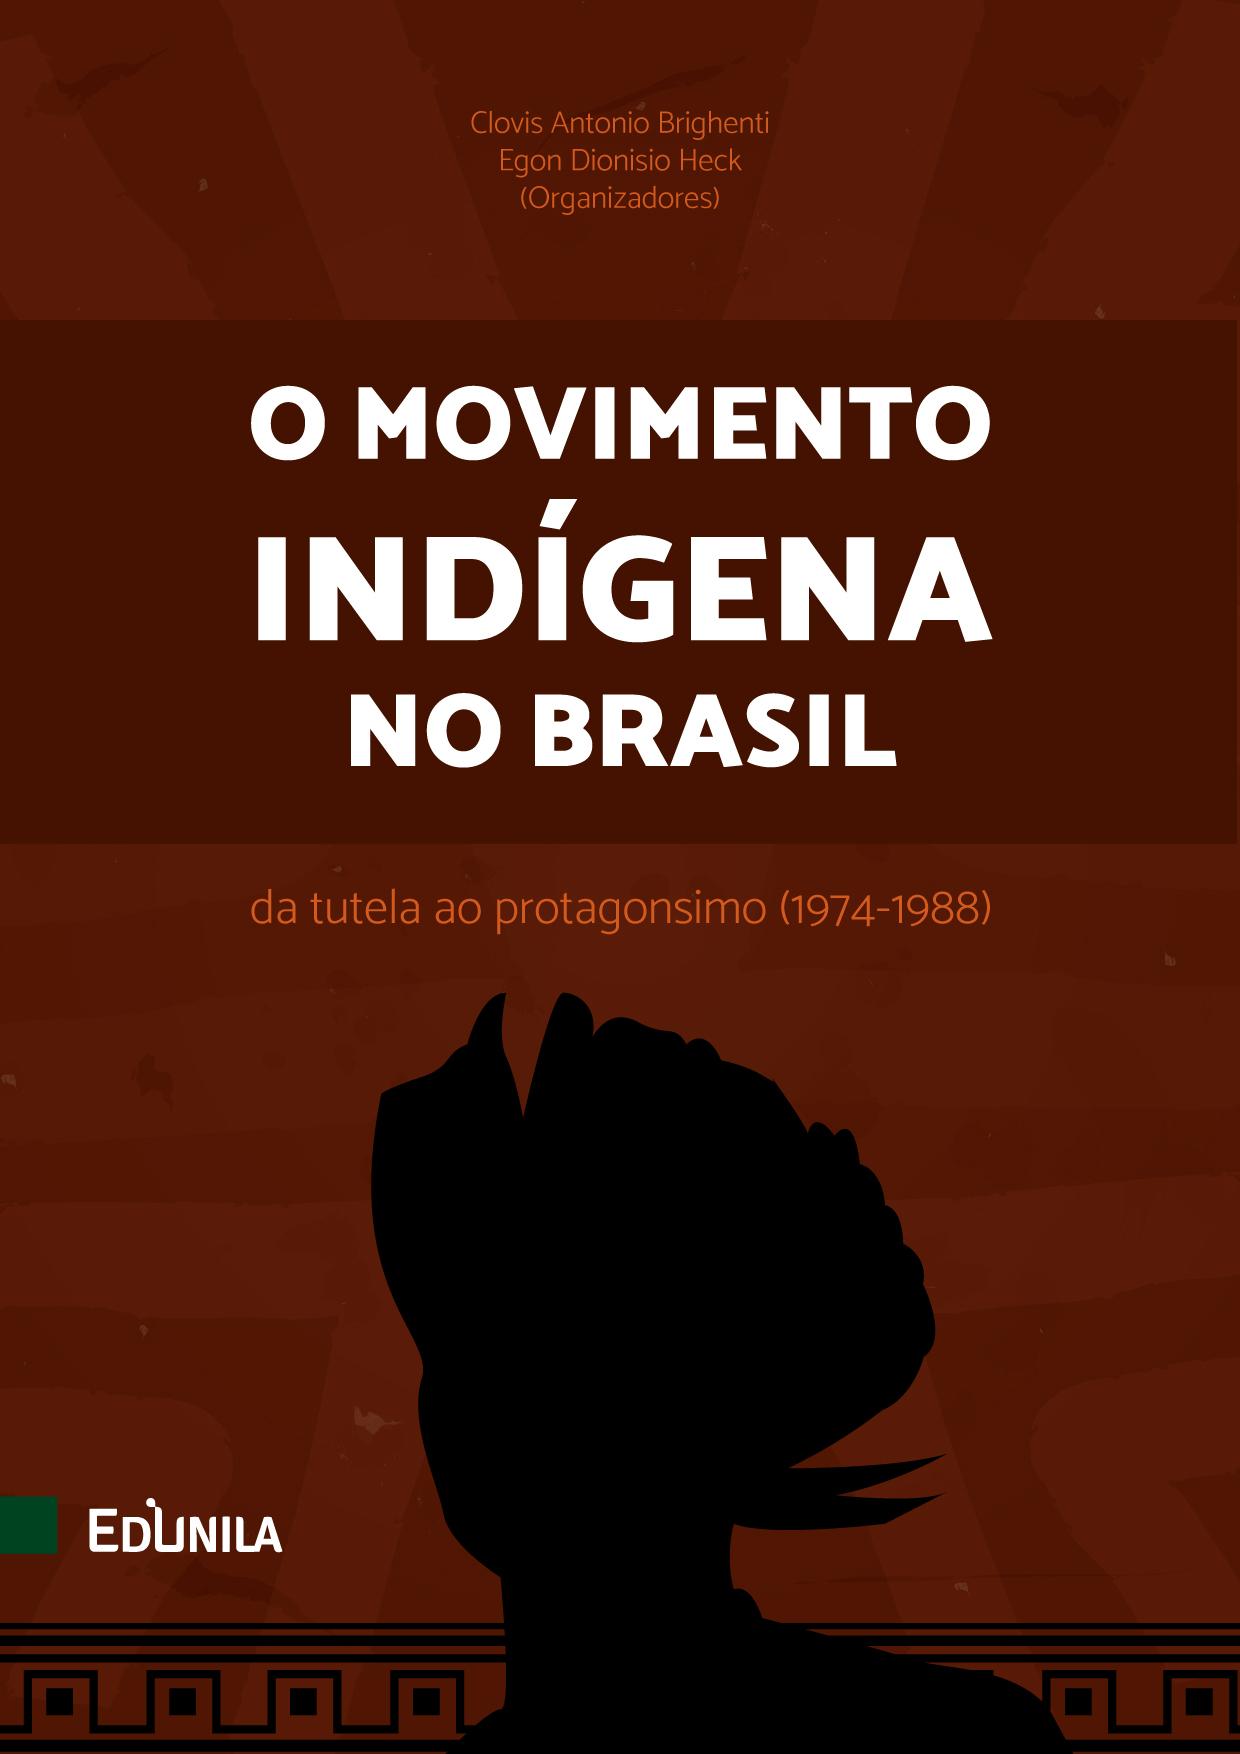 capa do livro com o título O Movimento Indígena no Brasil: Da tutela ao protagonismo (1974-1988)